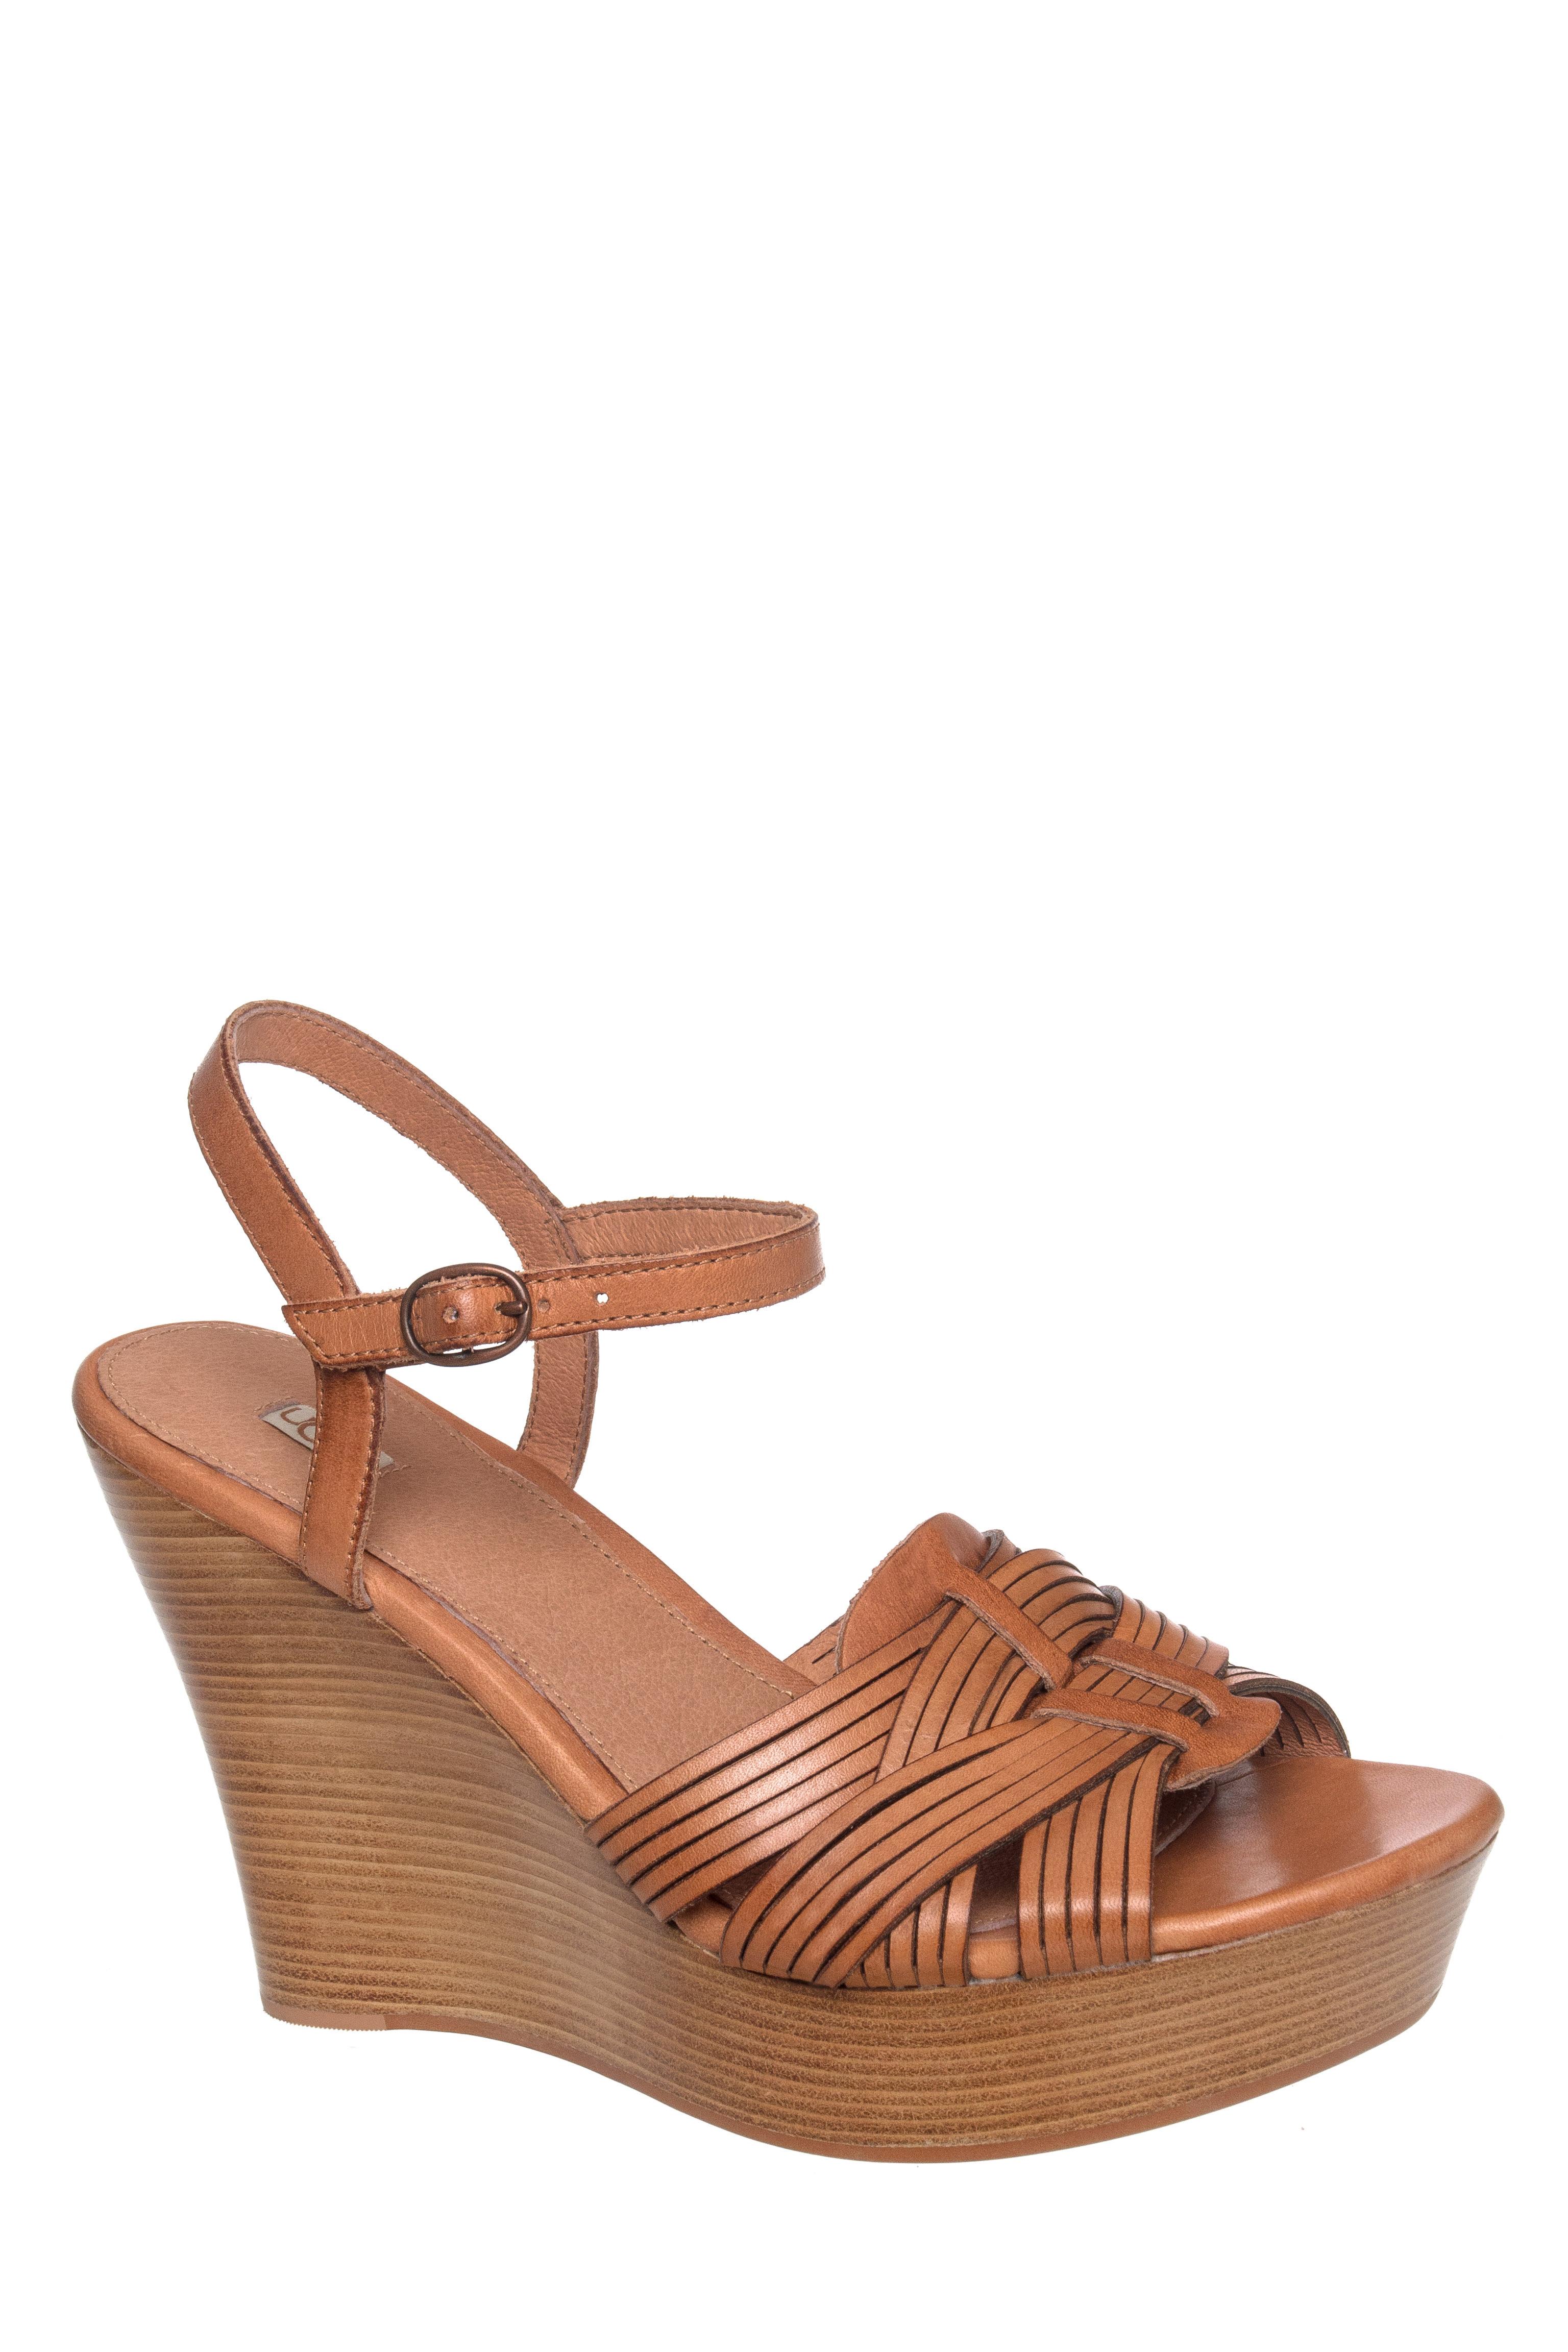 Allvey Platform Wedge Sandal